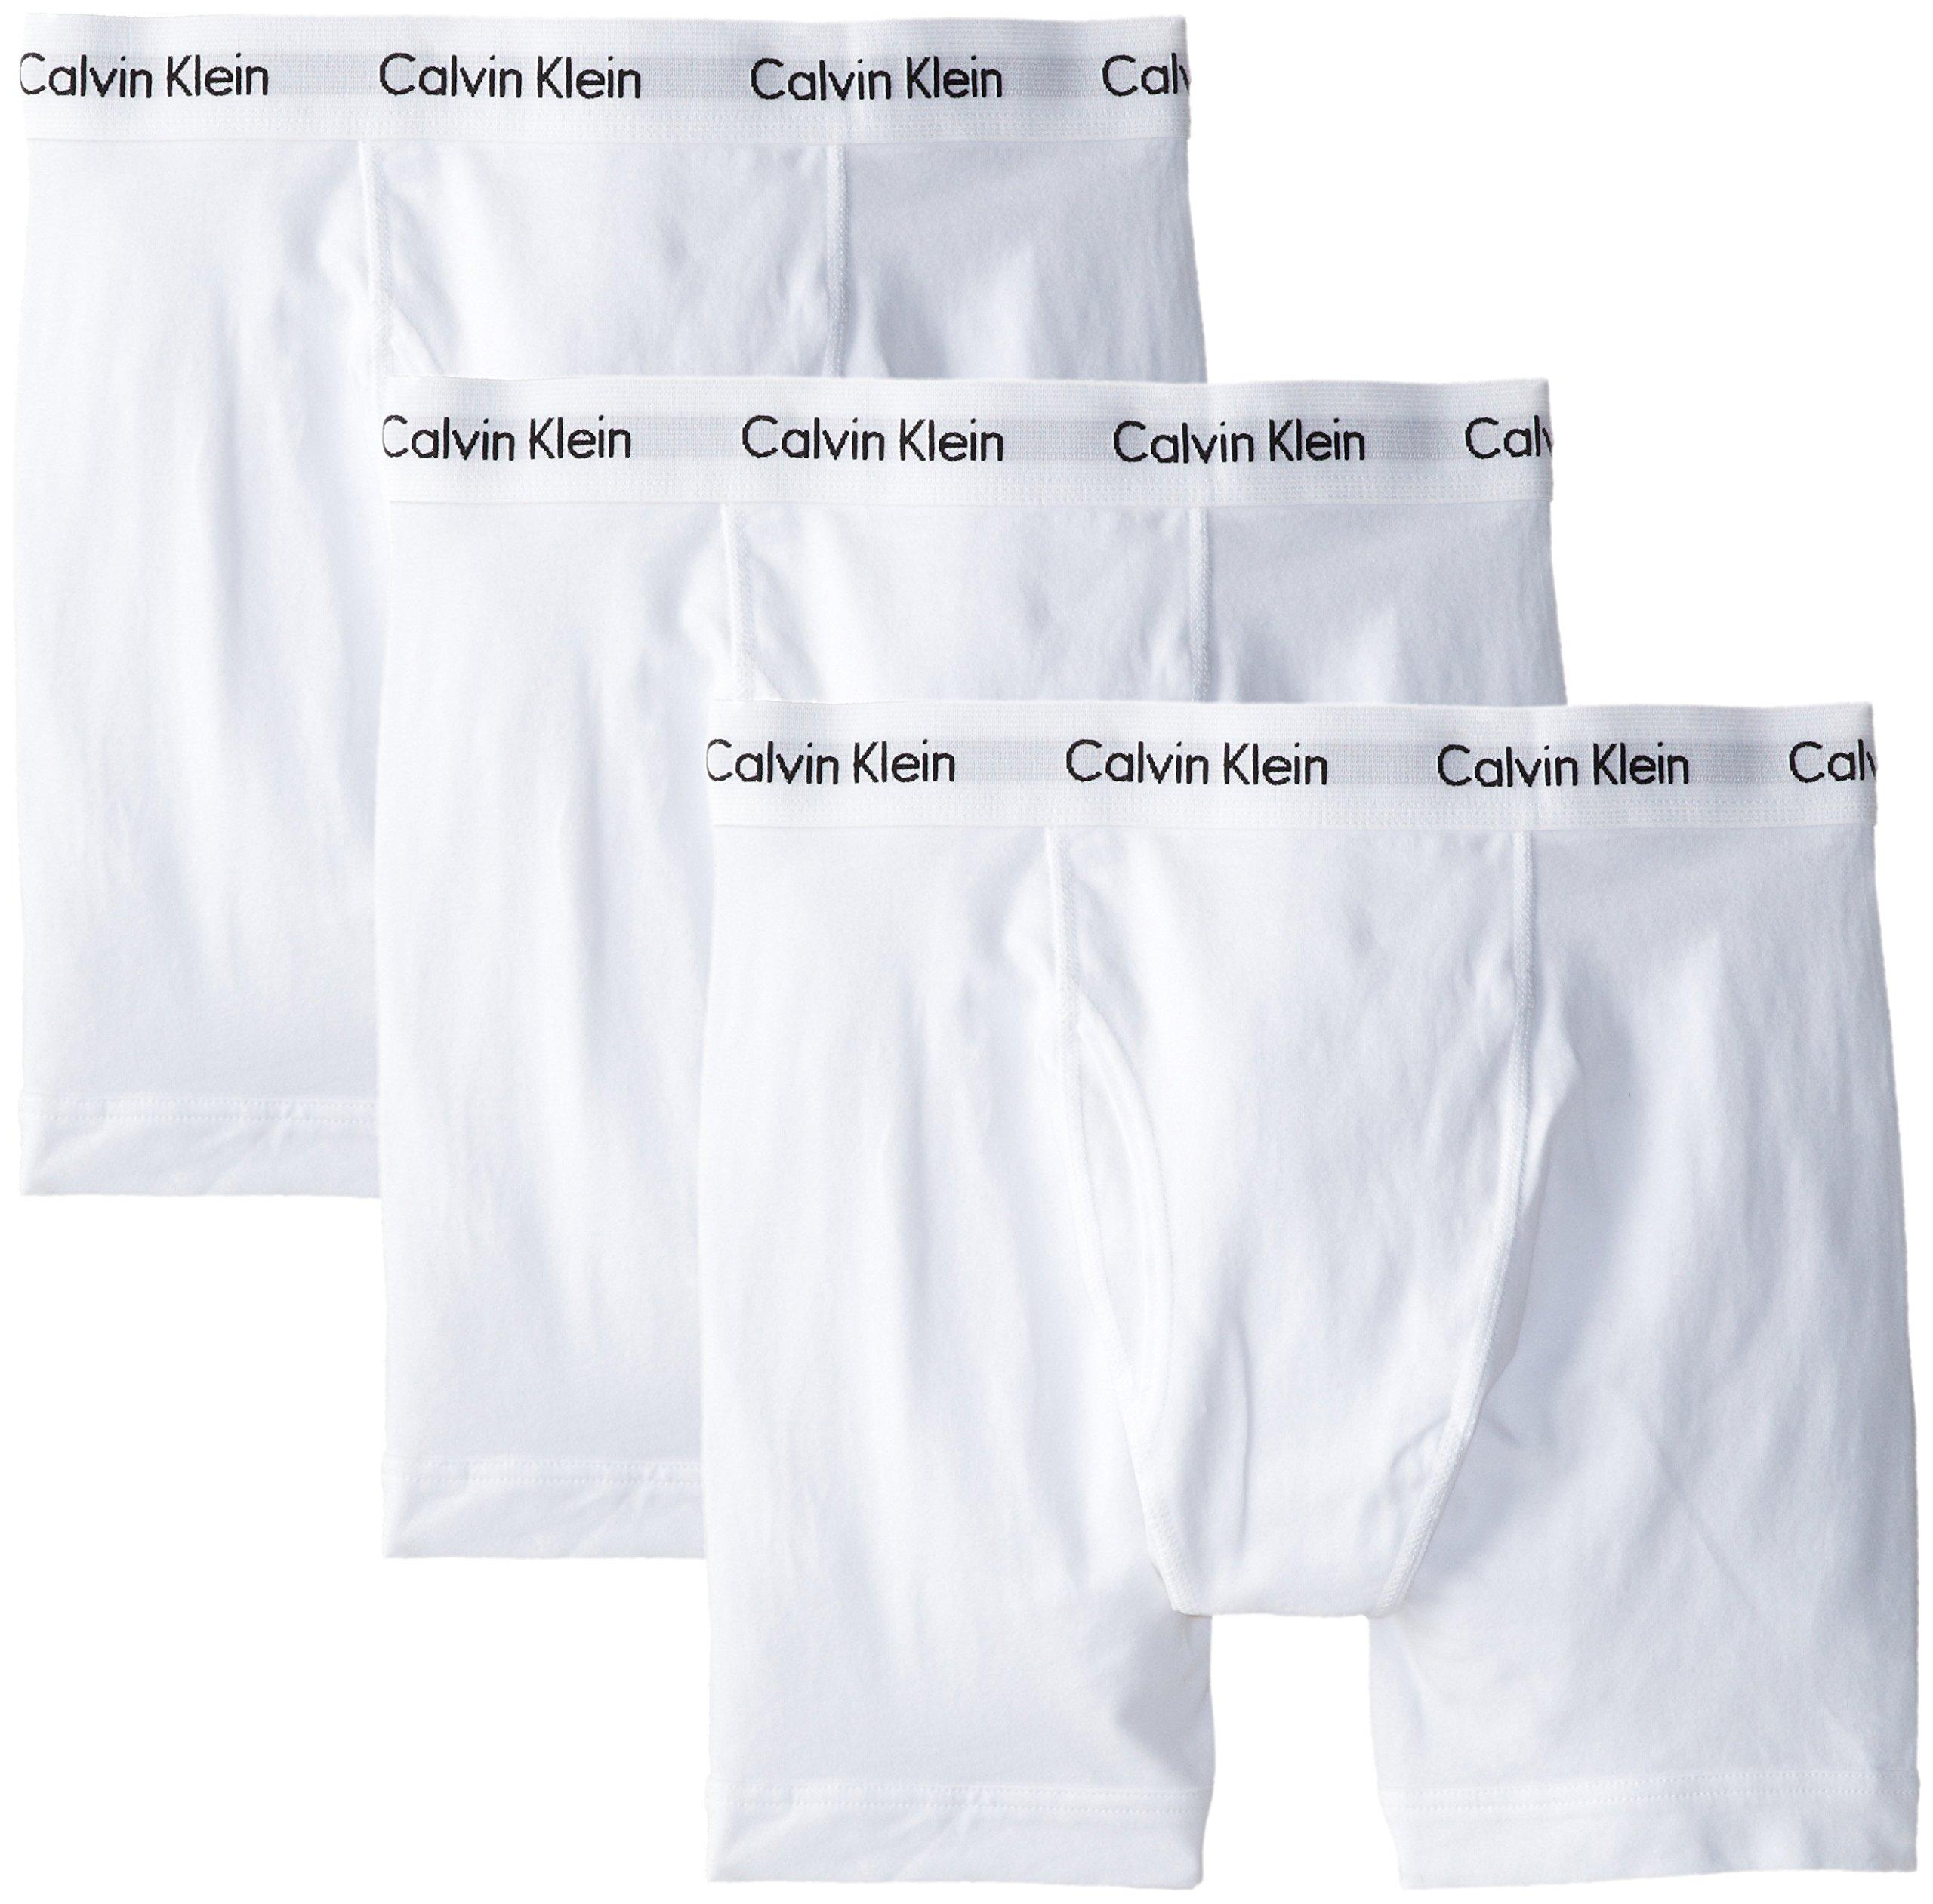 Calvin Klein Men's Underwear Cotton Stretch 3 Pack Boxer Brief, White, Medium